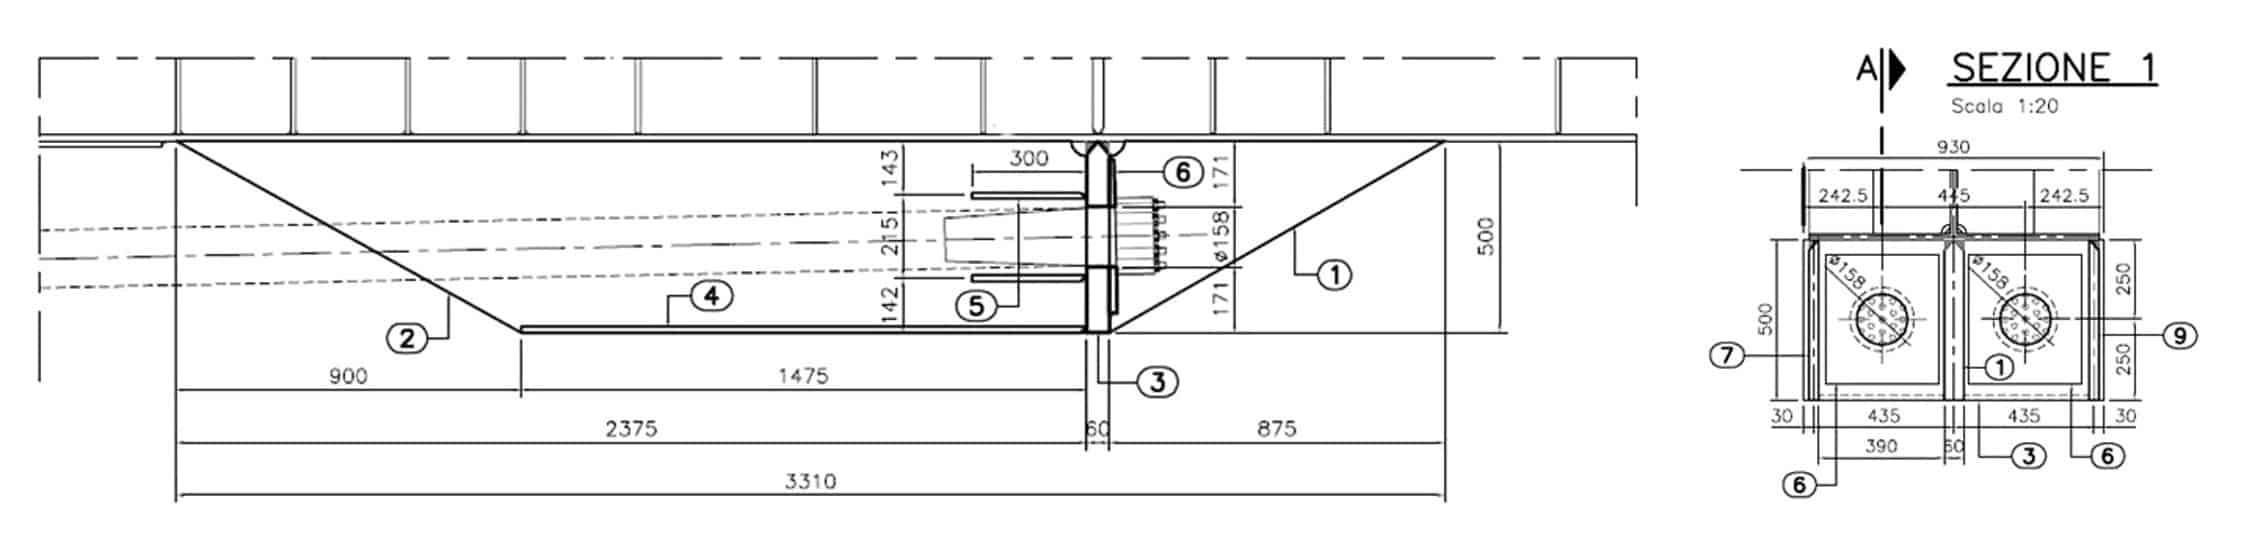 Particolari costruttivi del sistema di ancoraggio dei cavi di precompressione